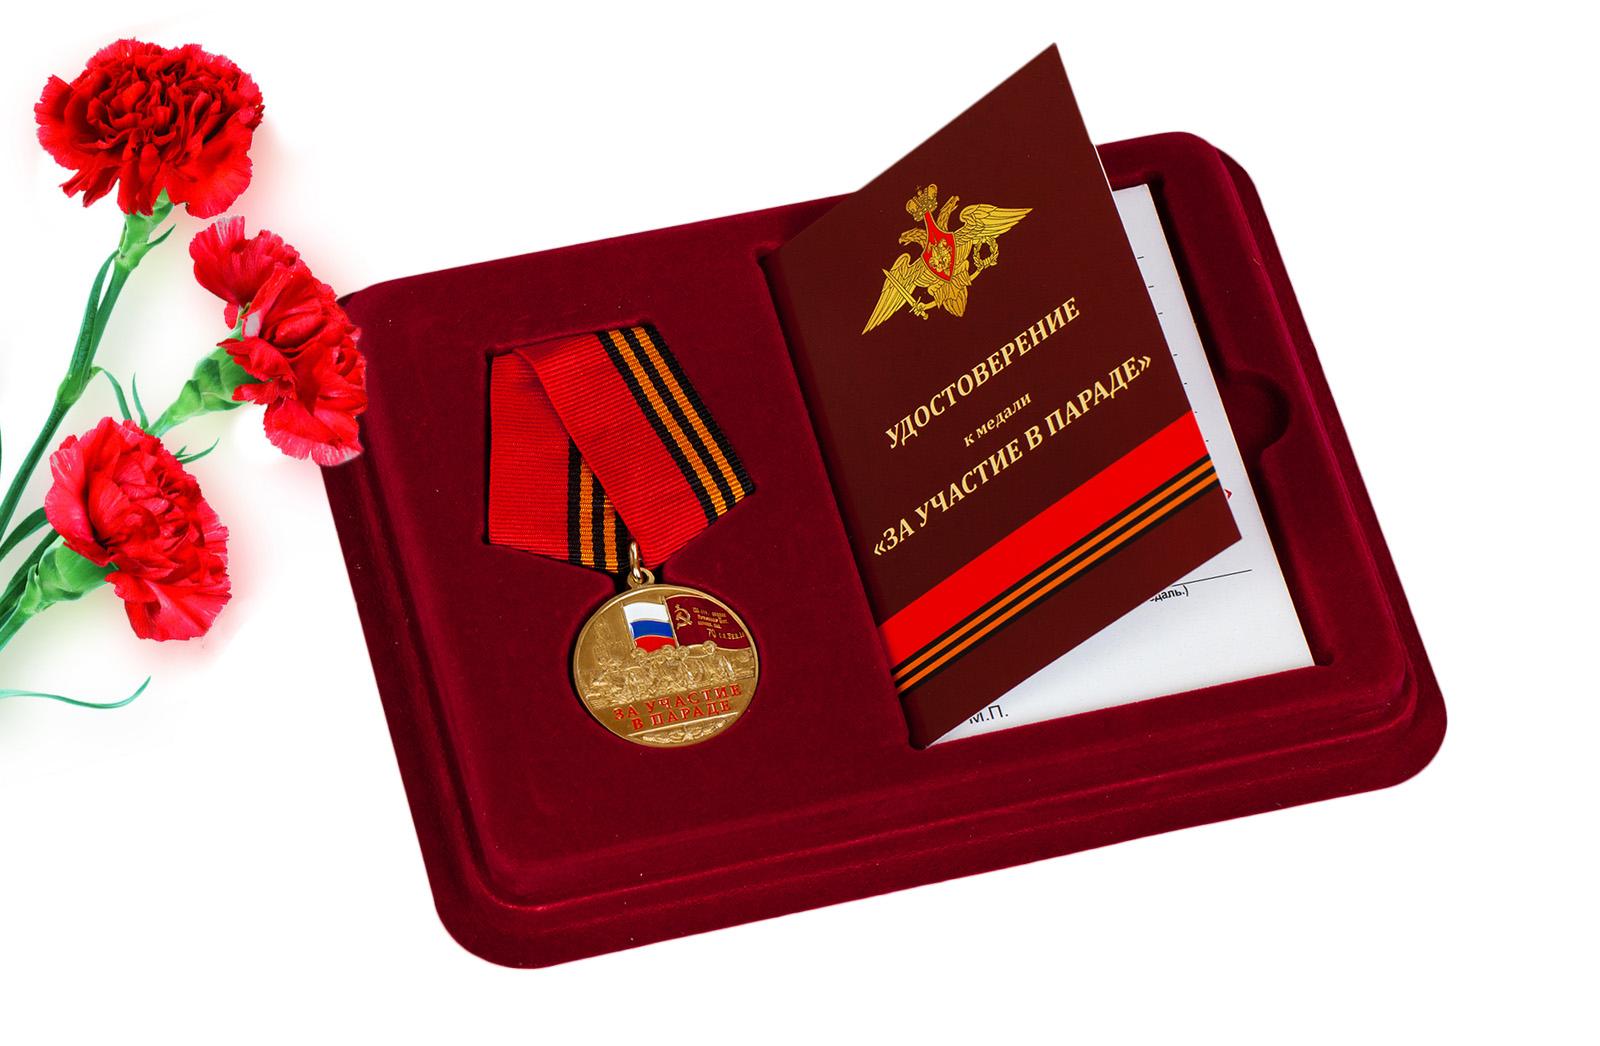 Купить медаль За участие в параде. 75 лет Победы по лучшей цене